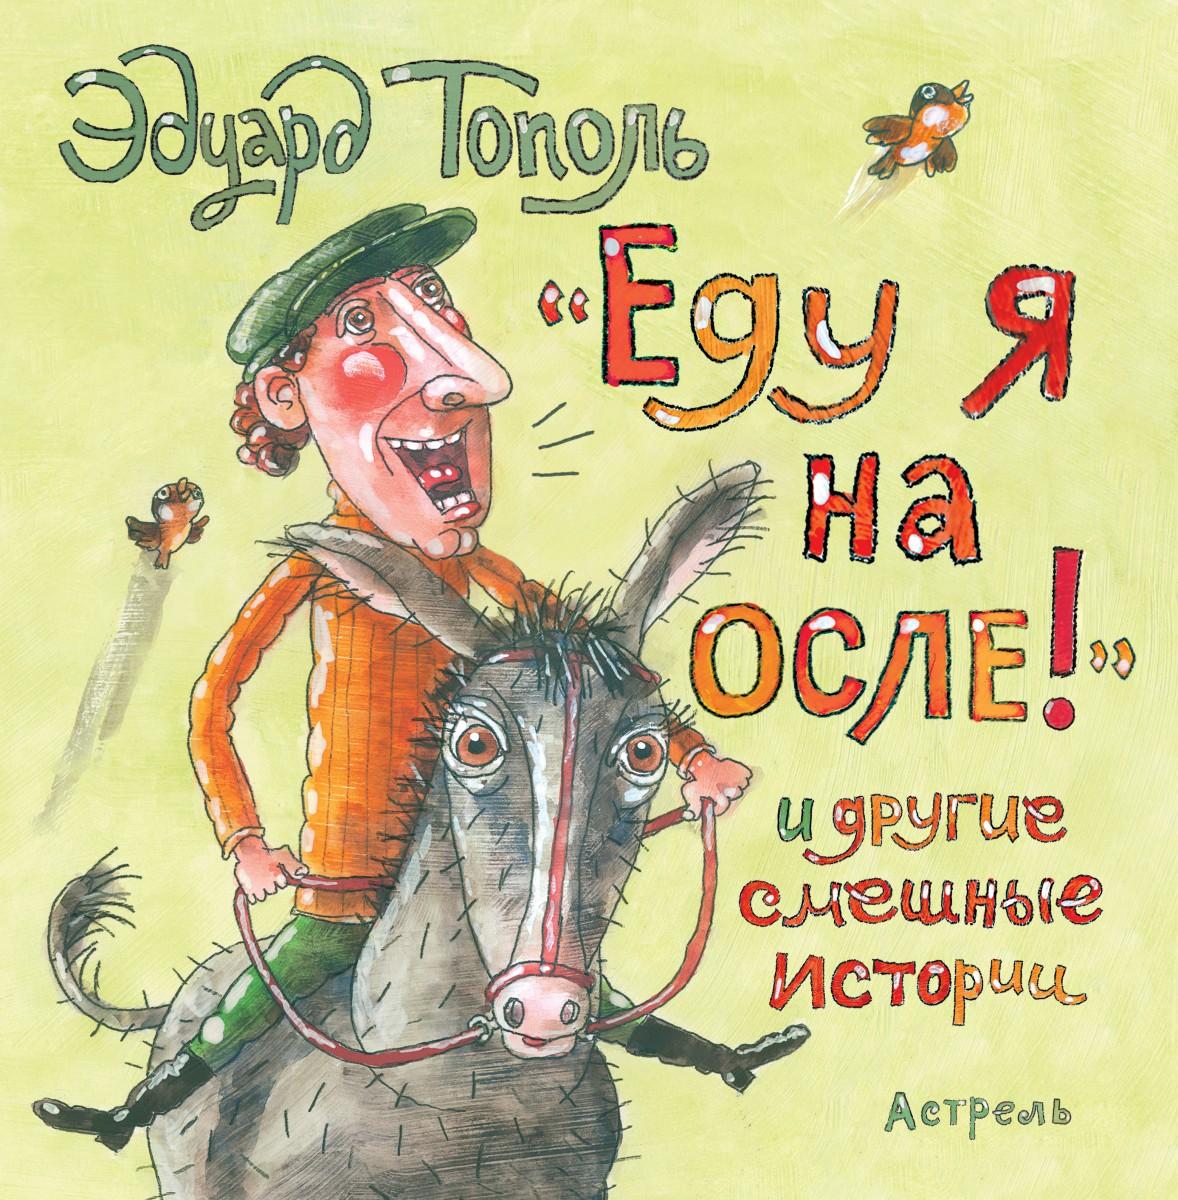 Смешные истории рисунки, казанской иконой